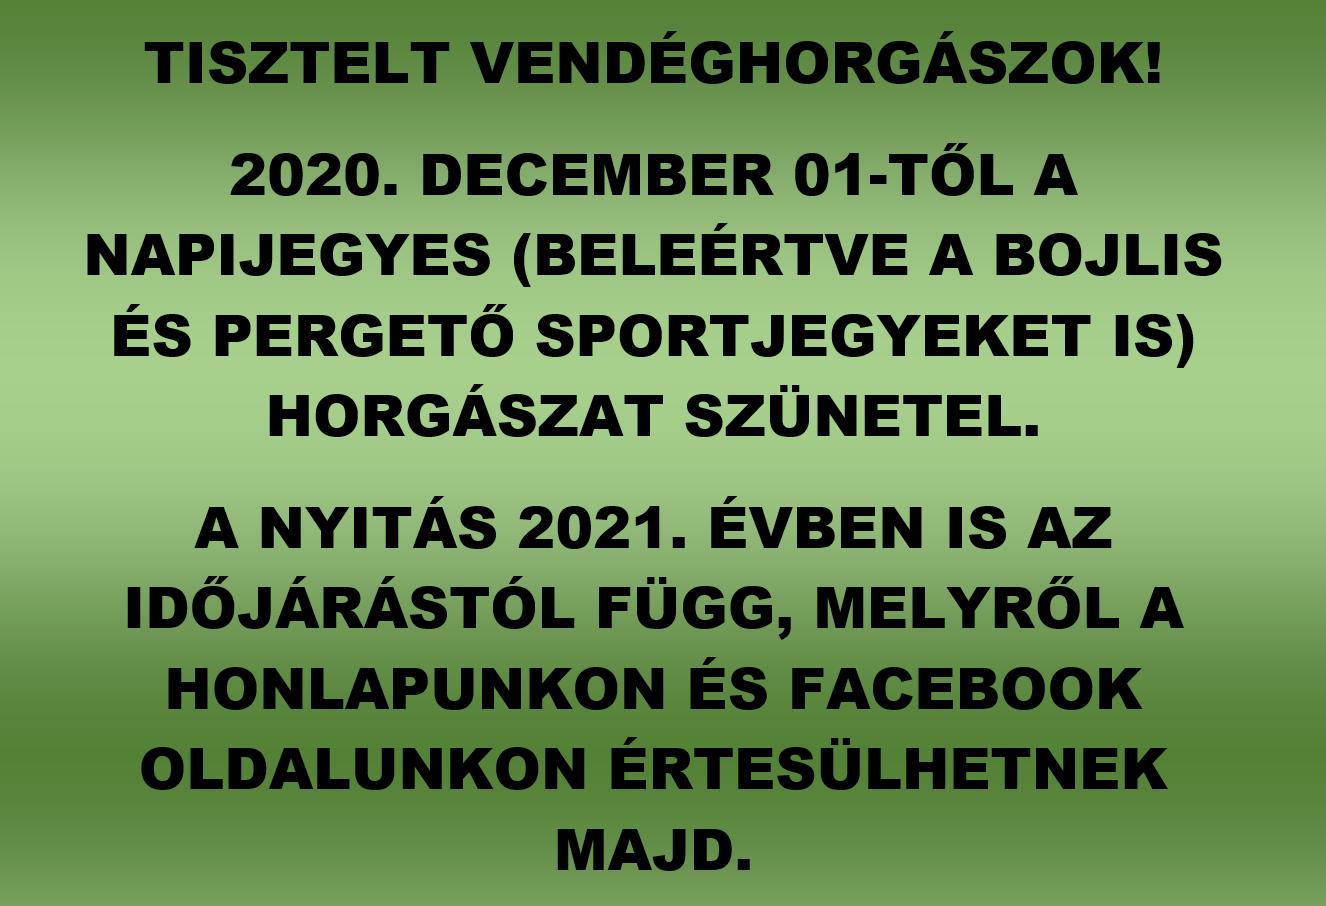 Vendéghorgászat 2020. december 01-től szünetel